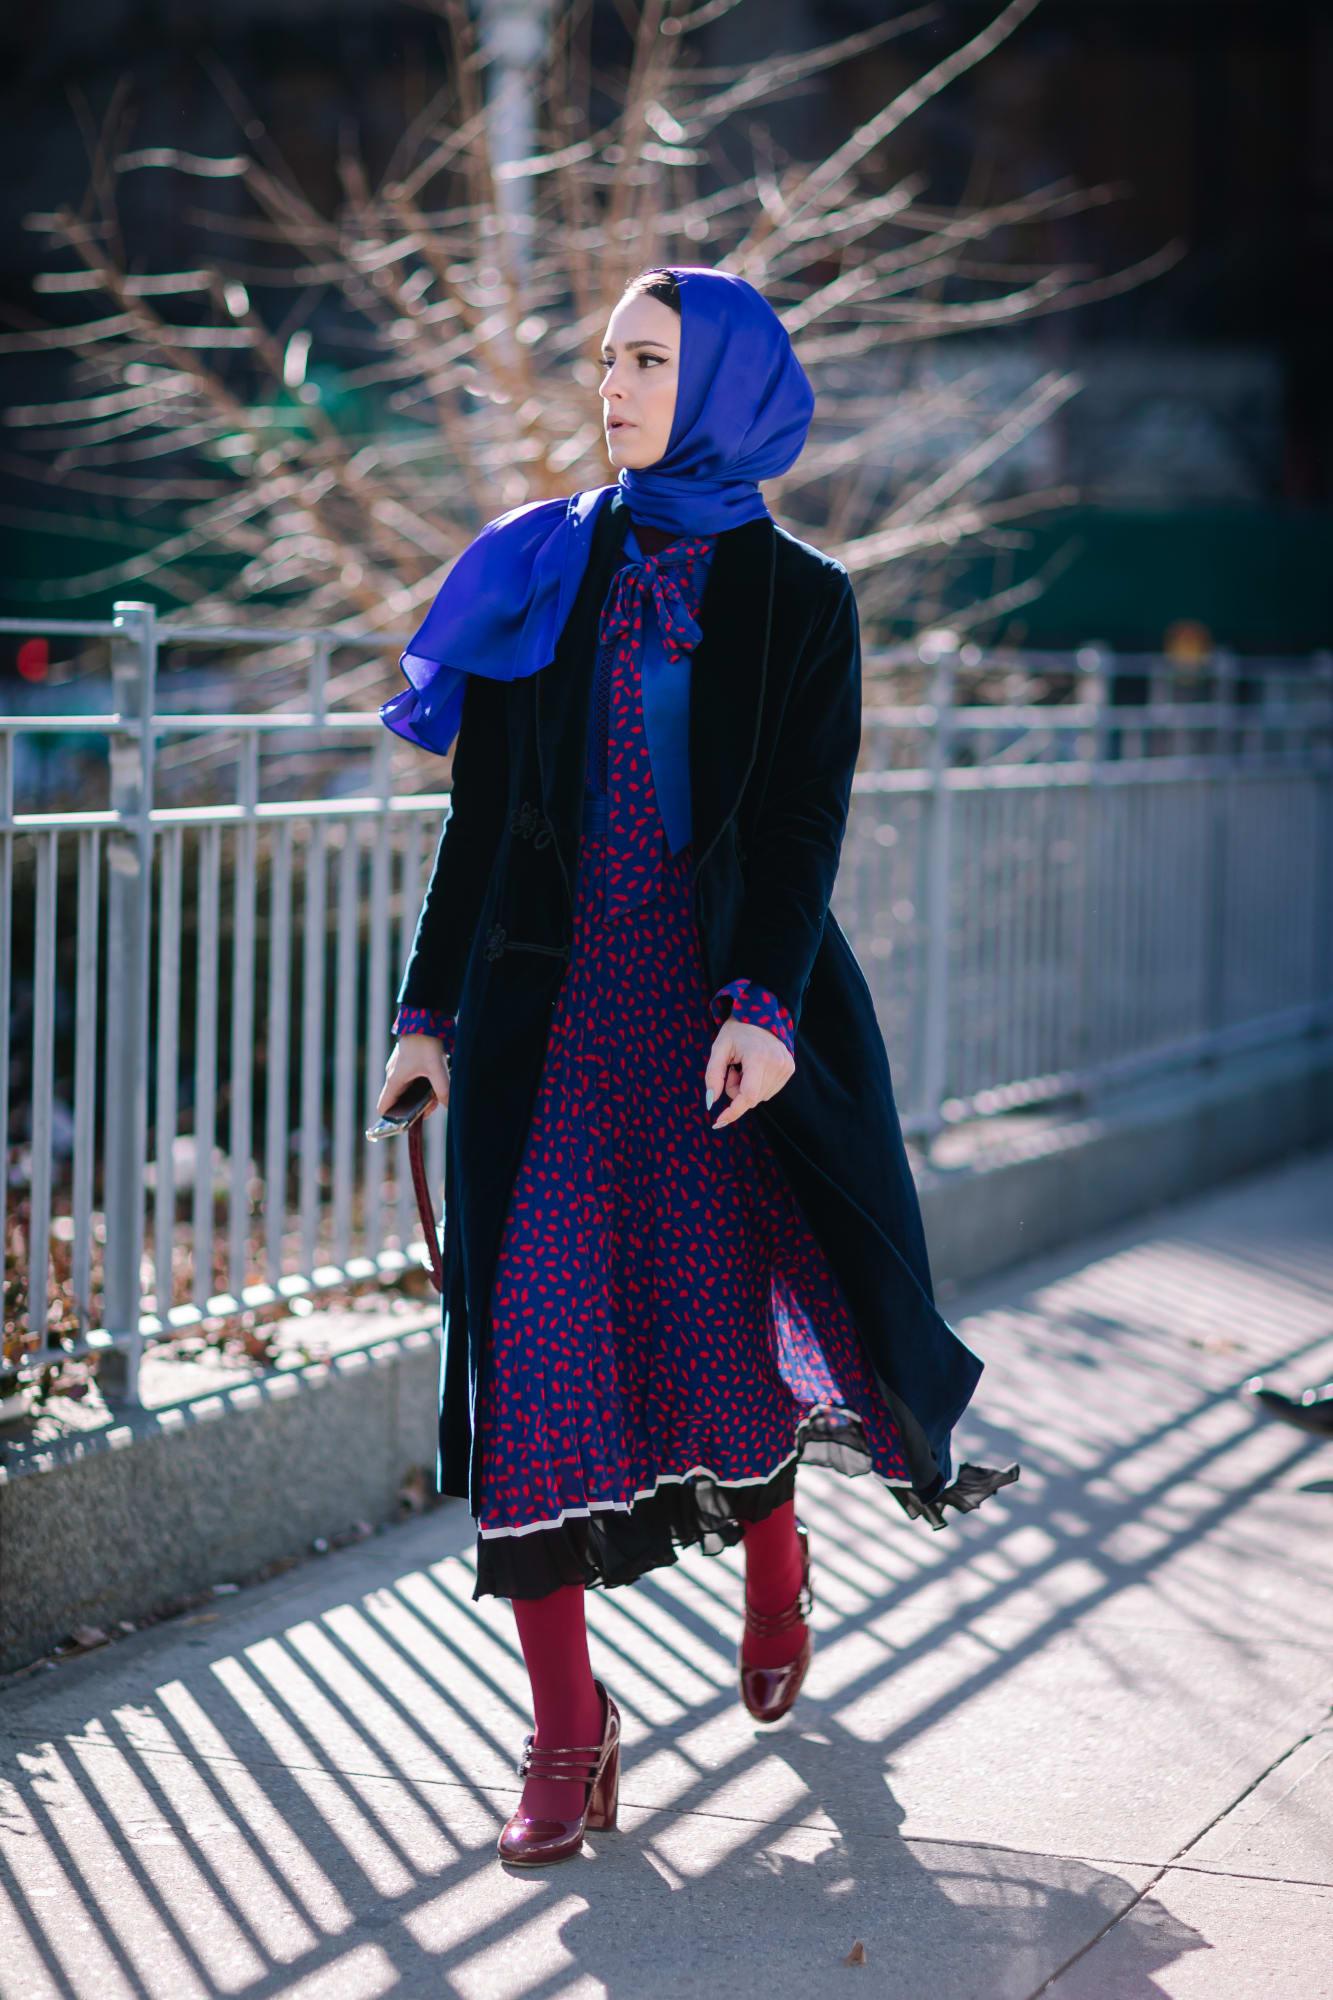 kết hợp trang phục màu xanh navy và màu đỏ